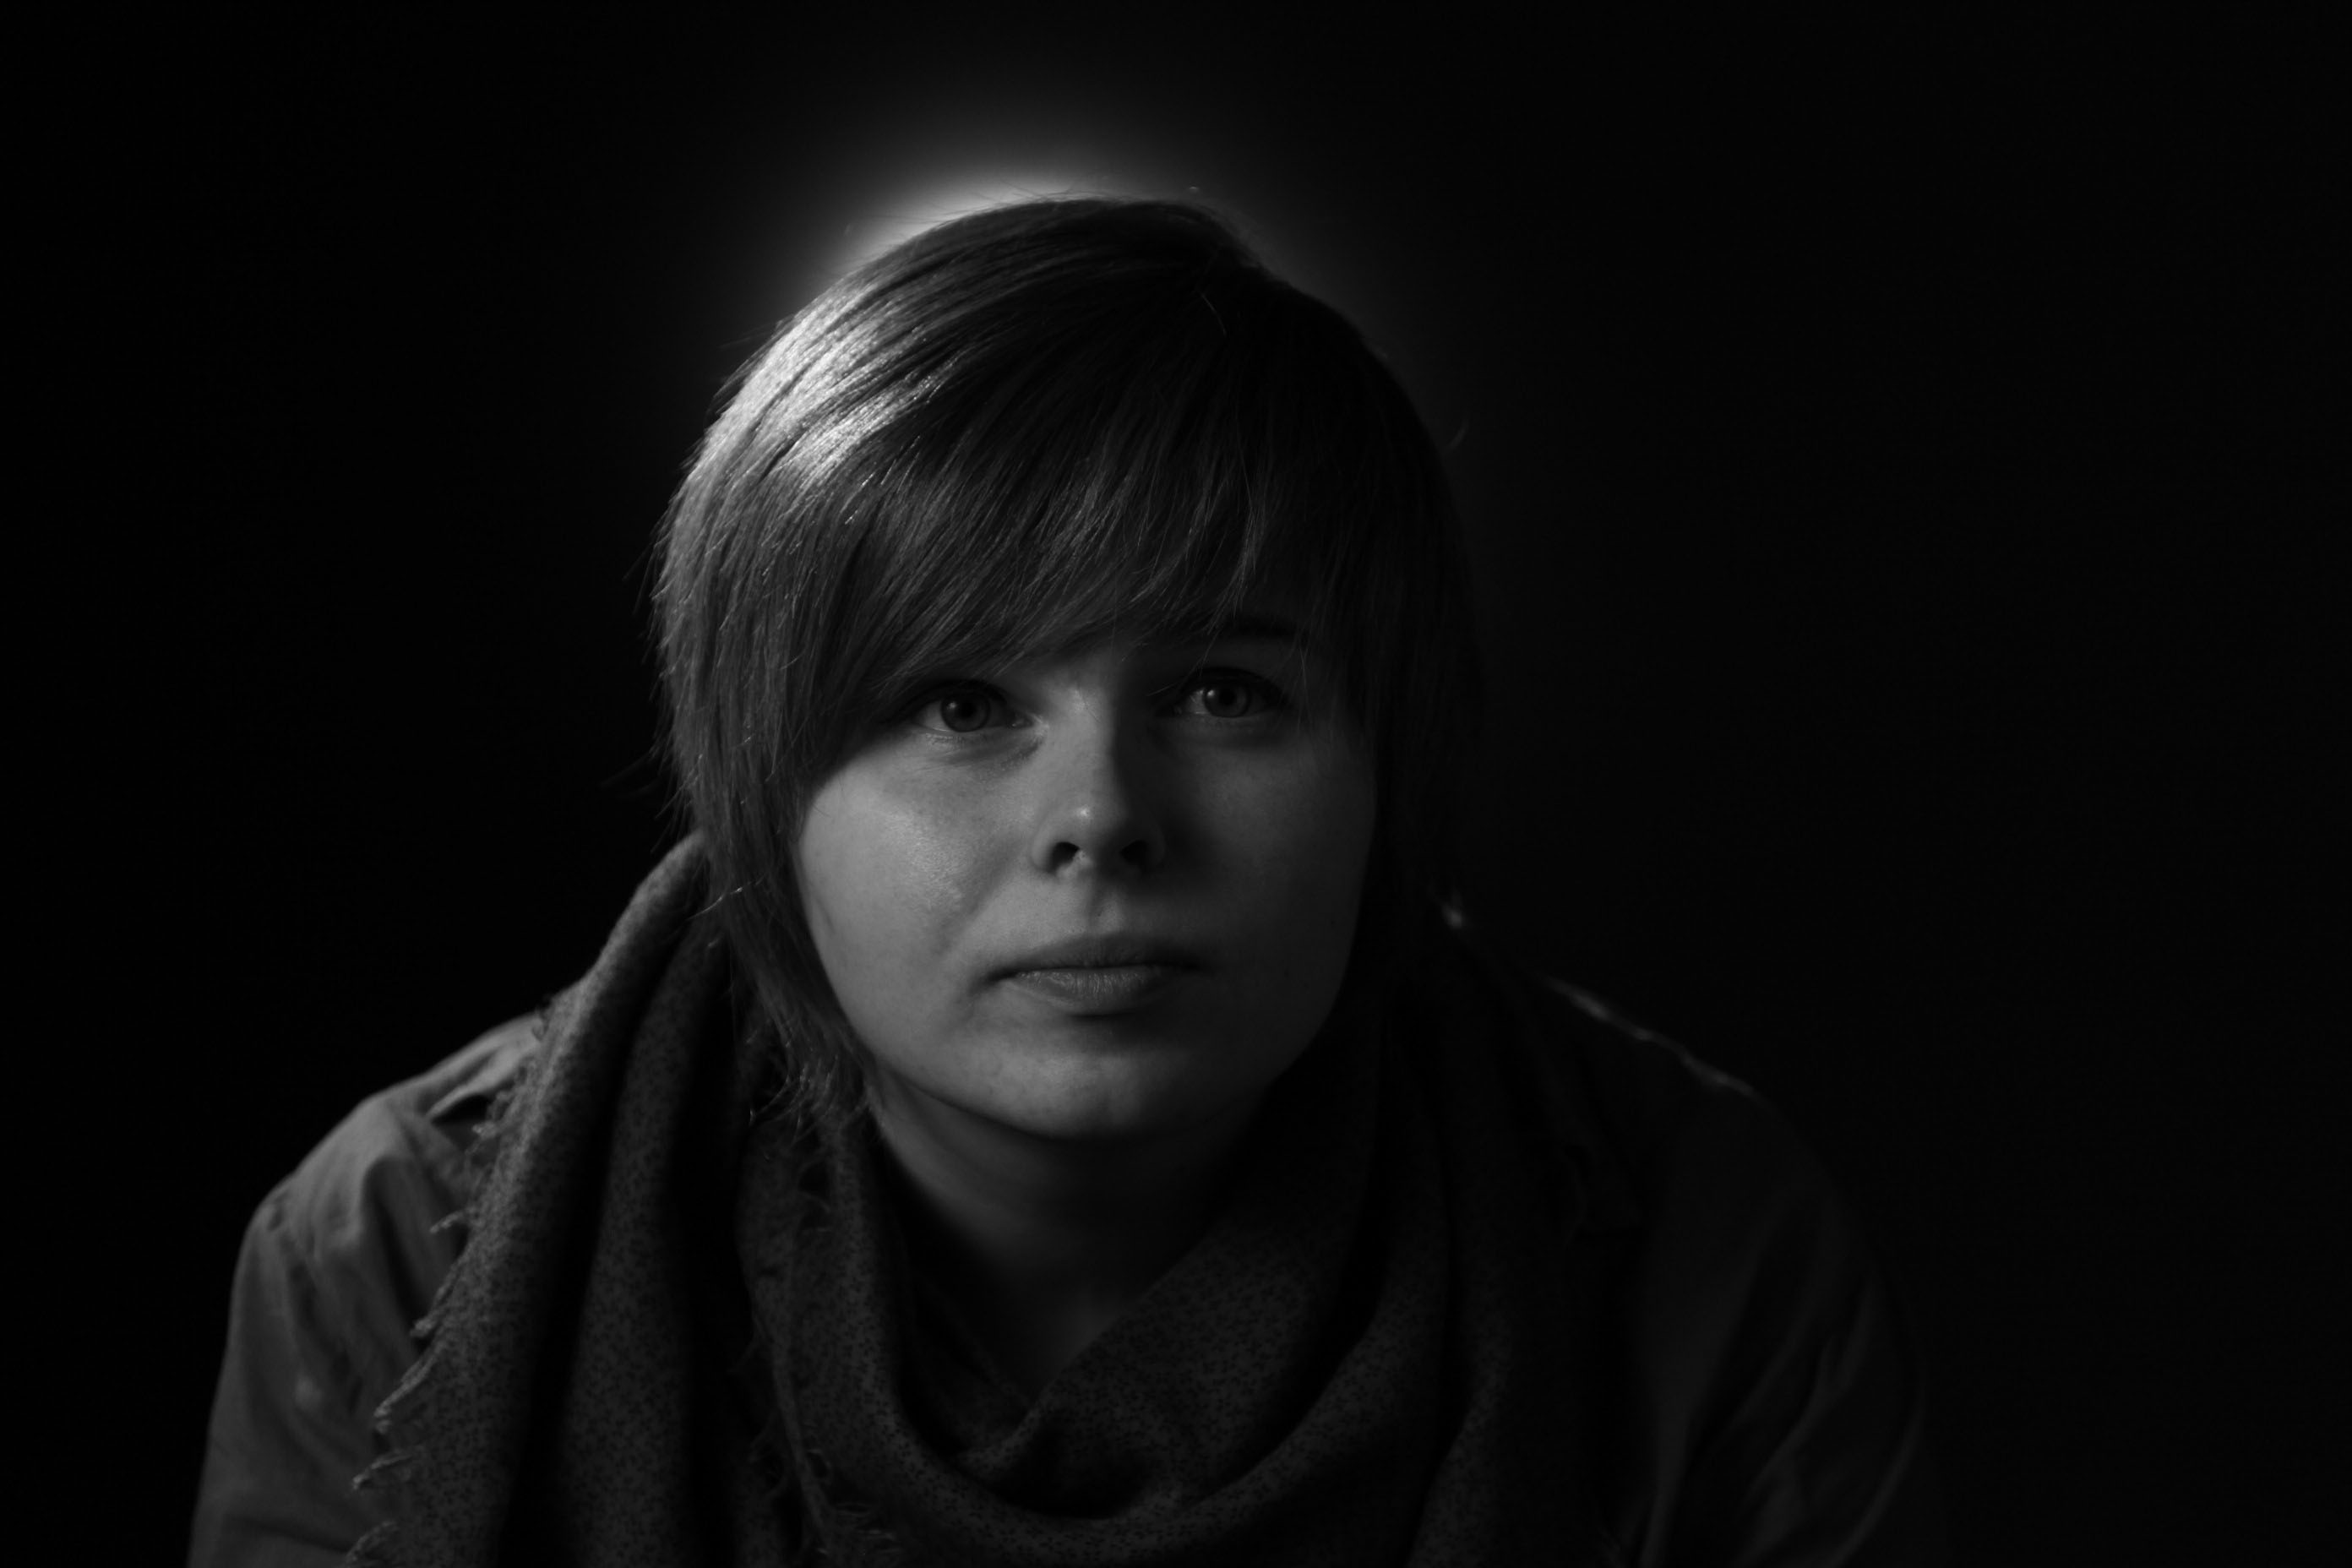 Karolina Specht